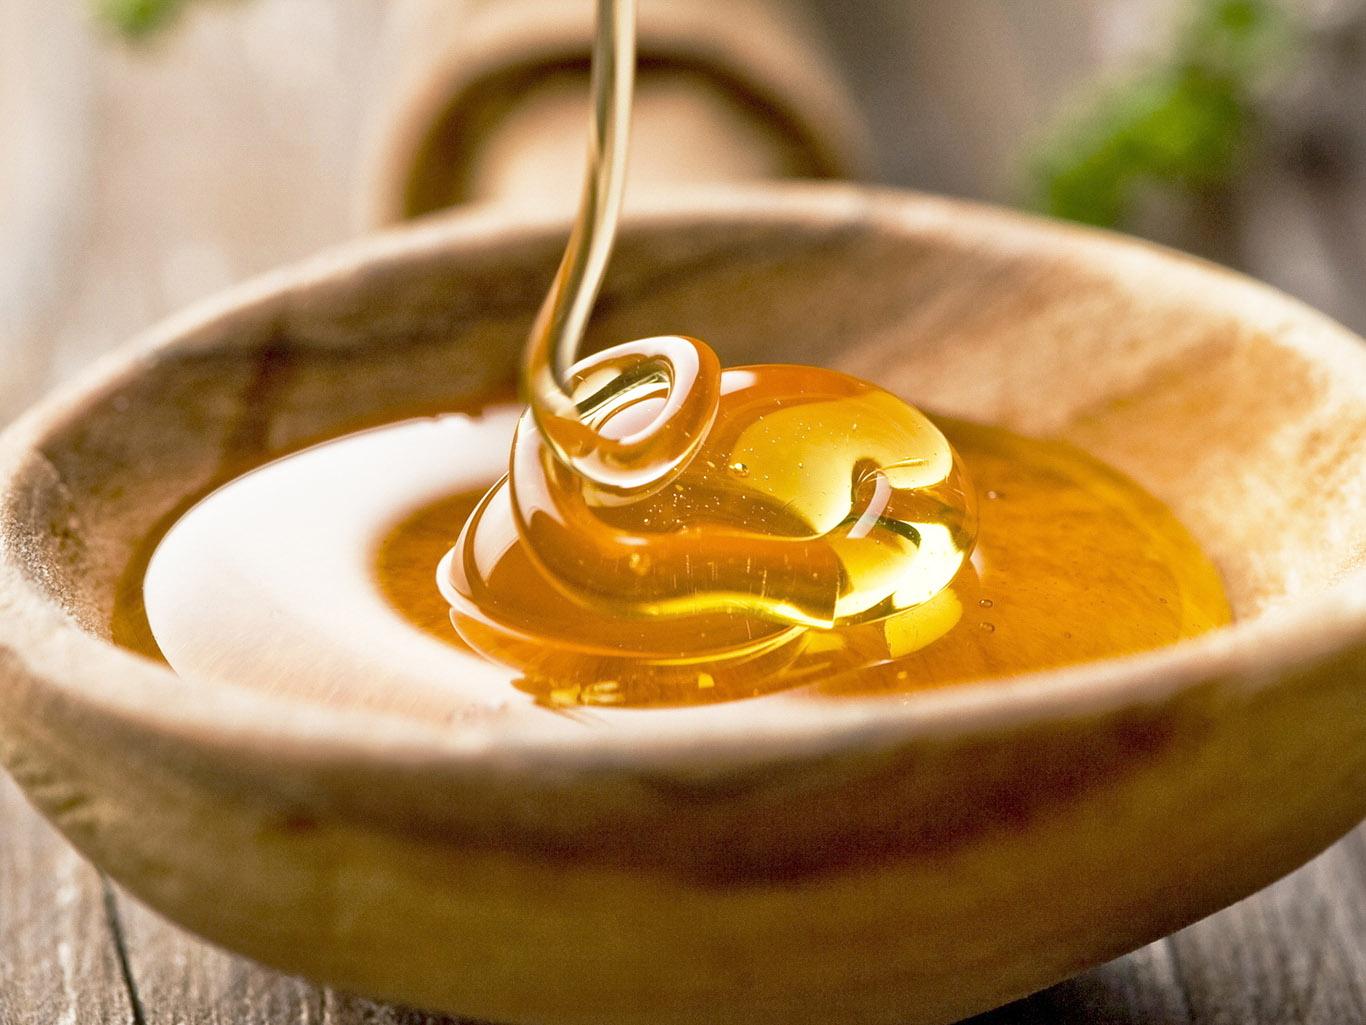 Мед и похудение: полезность меда, рецепты напитков, медовая ванна, обертывания, медовый массаж